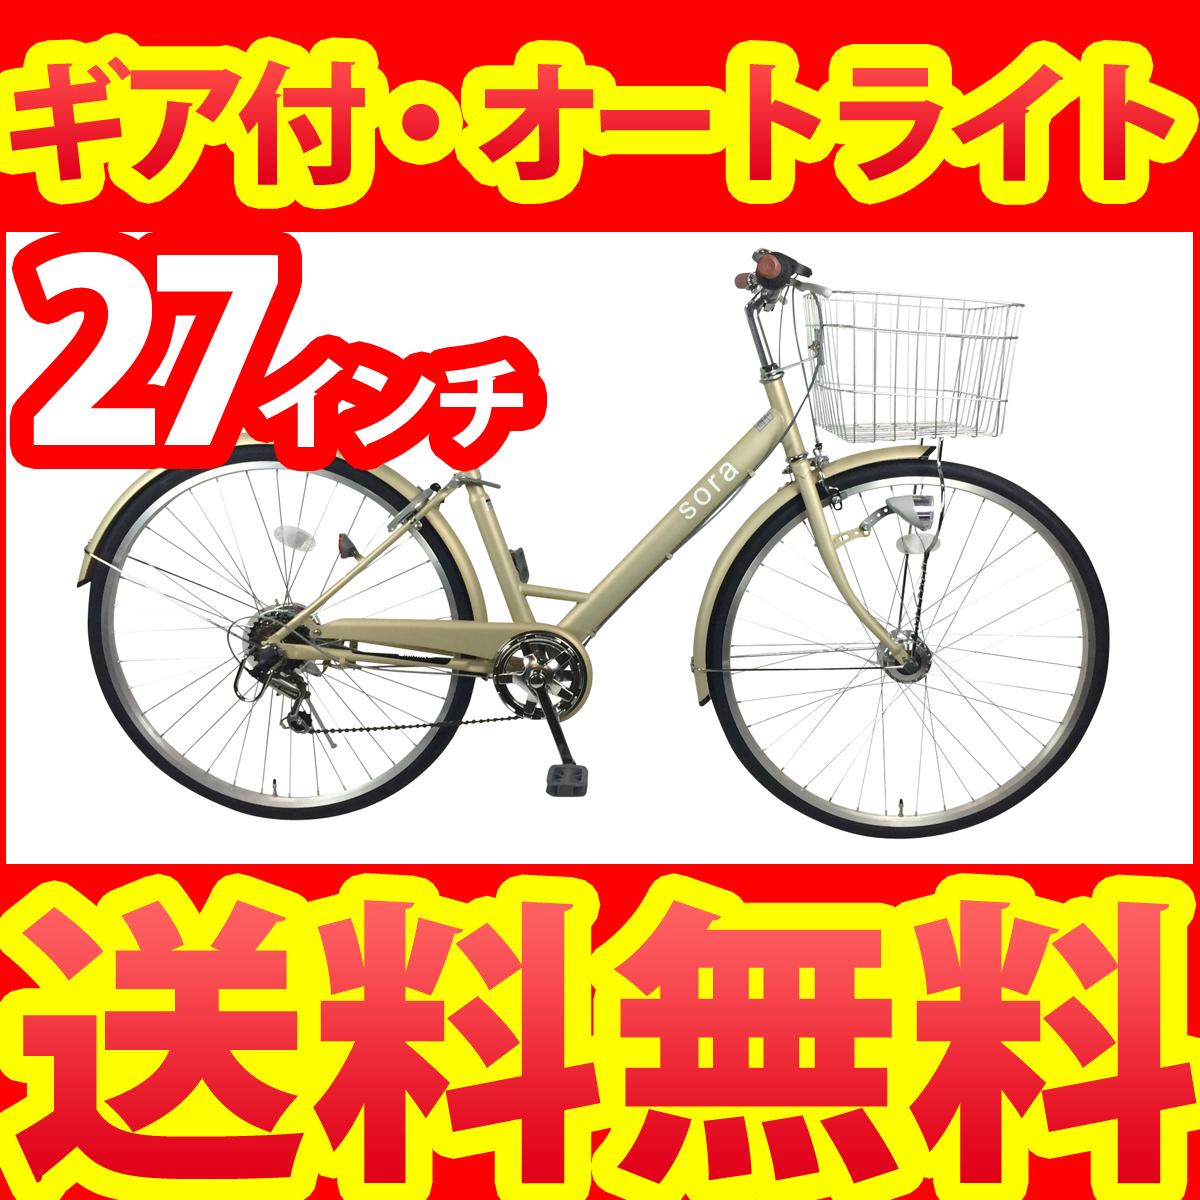 ! 兵庫県内限定や! ! クロスバイク 6色 HURRY UP! ! 27インチ ハリーアップクロス 【送料無料】 ! シマノ外装6段 #ホワイト×レッド